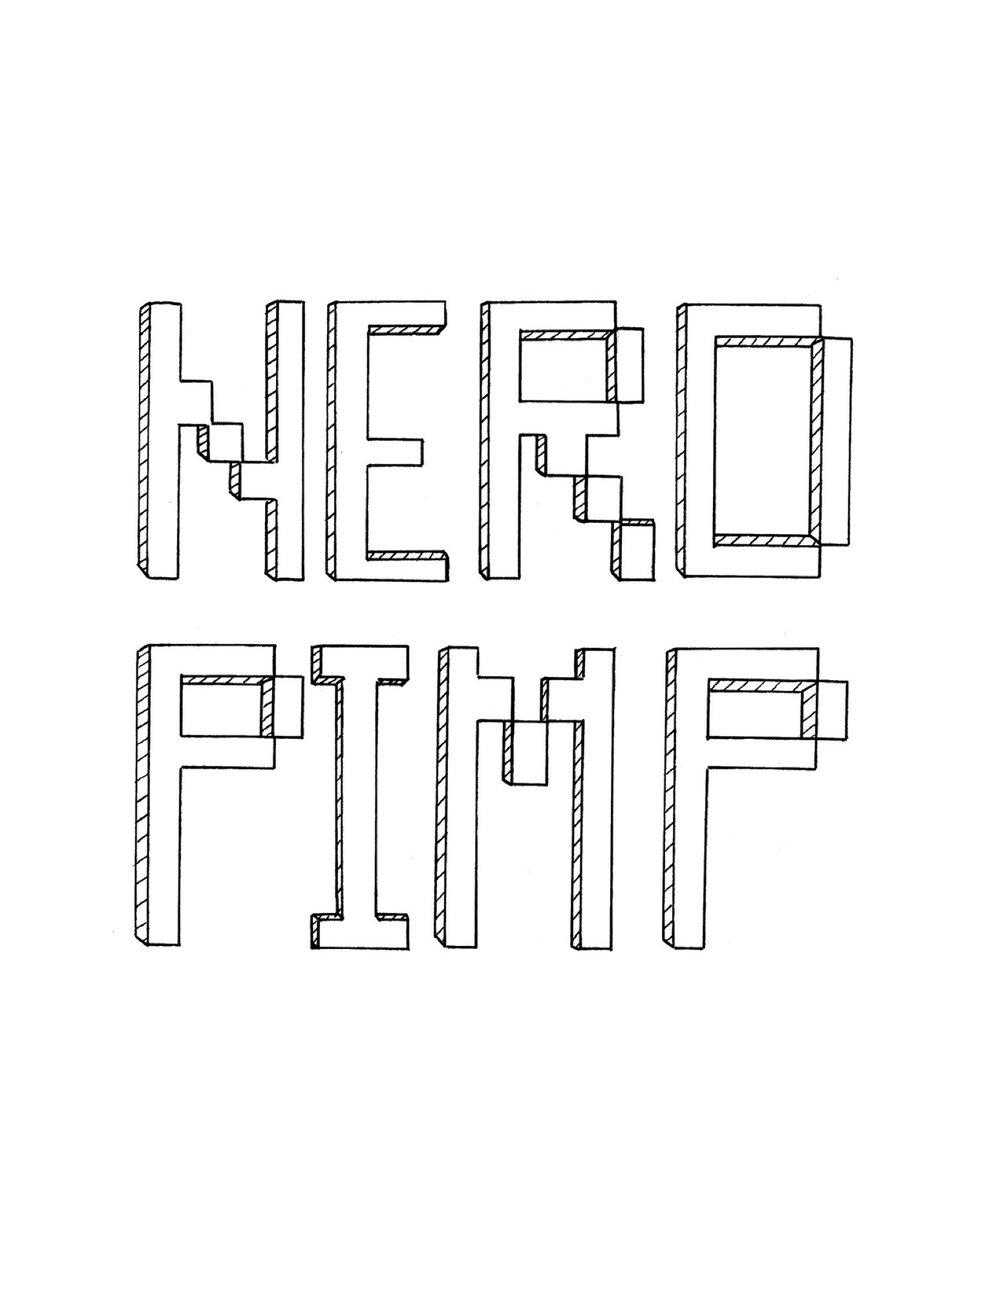 nerd_pimp_medium_res 108.jpeg